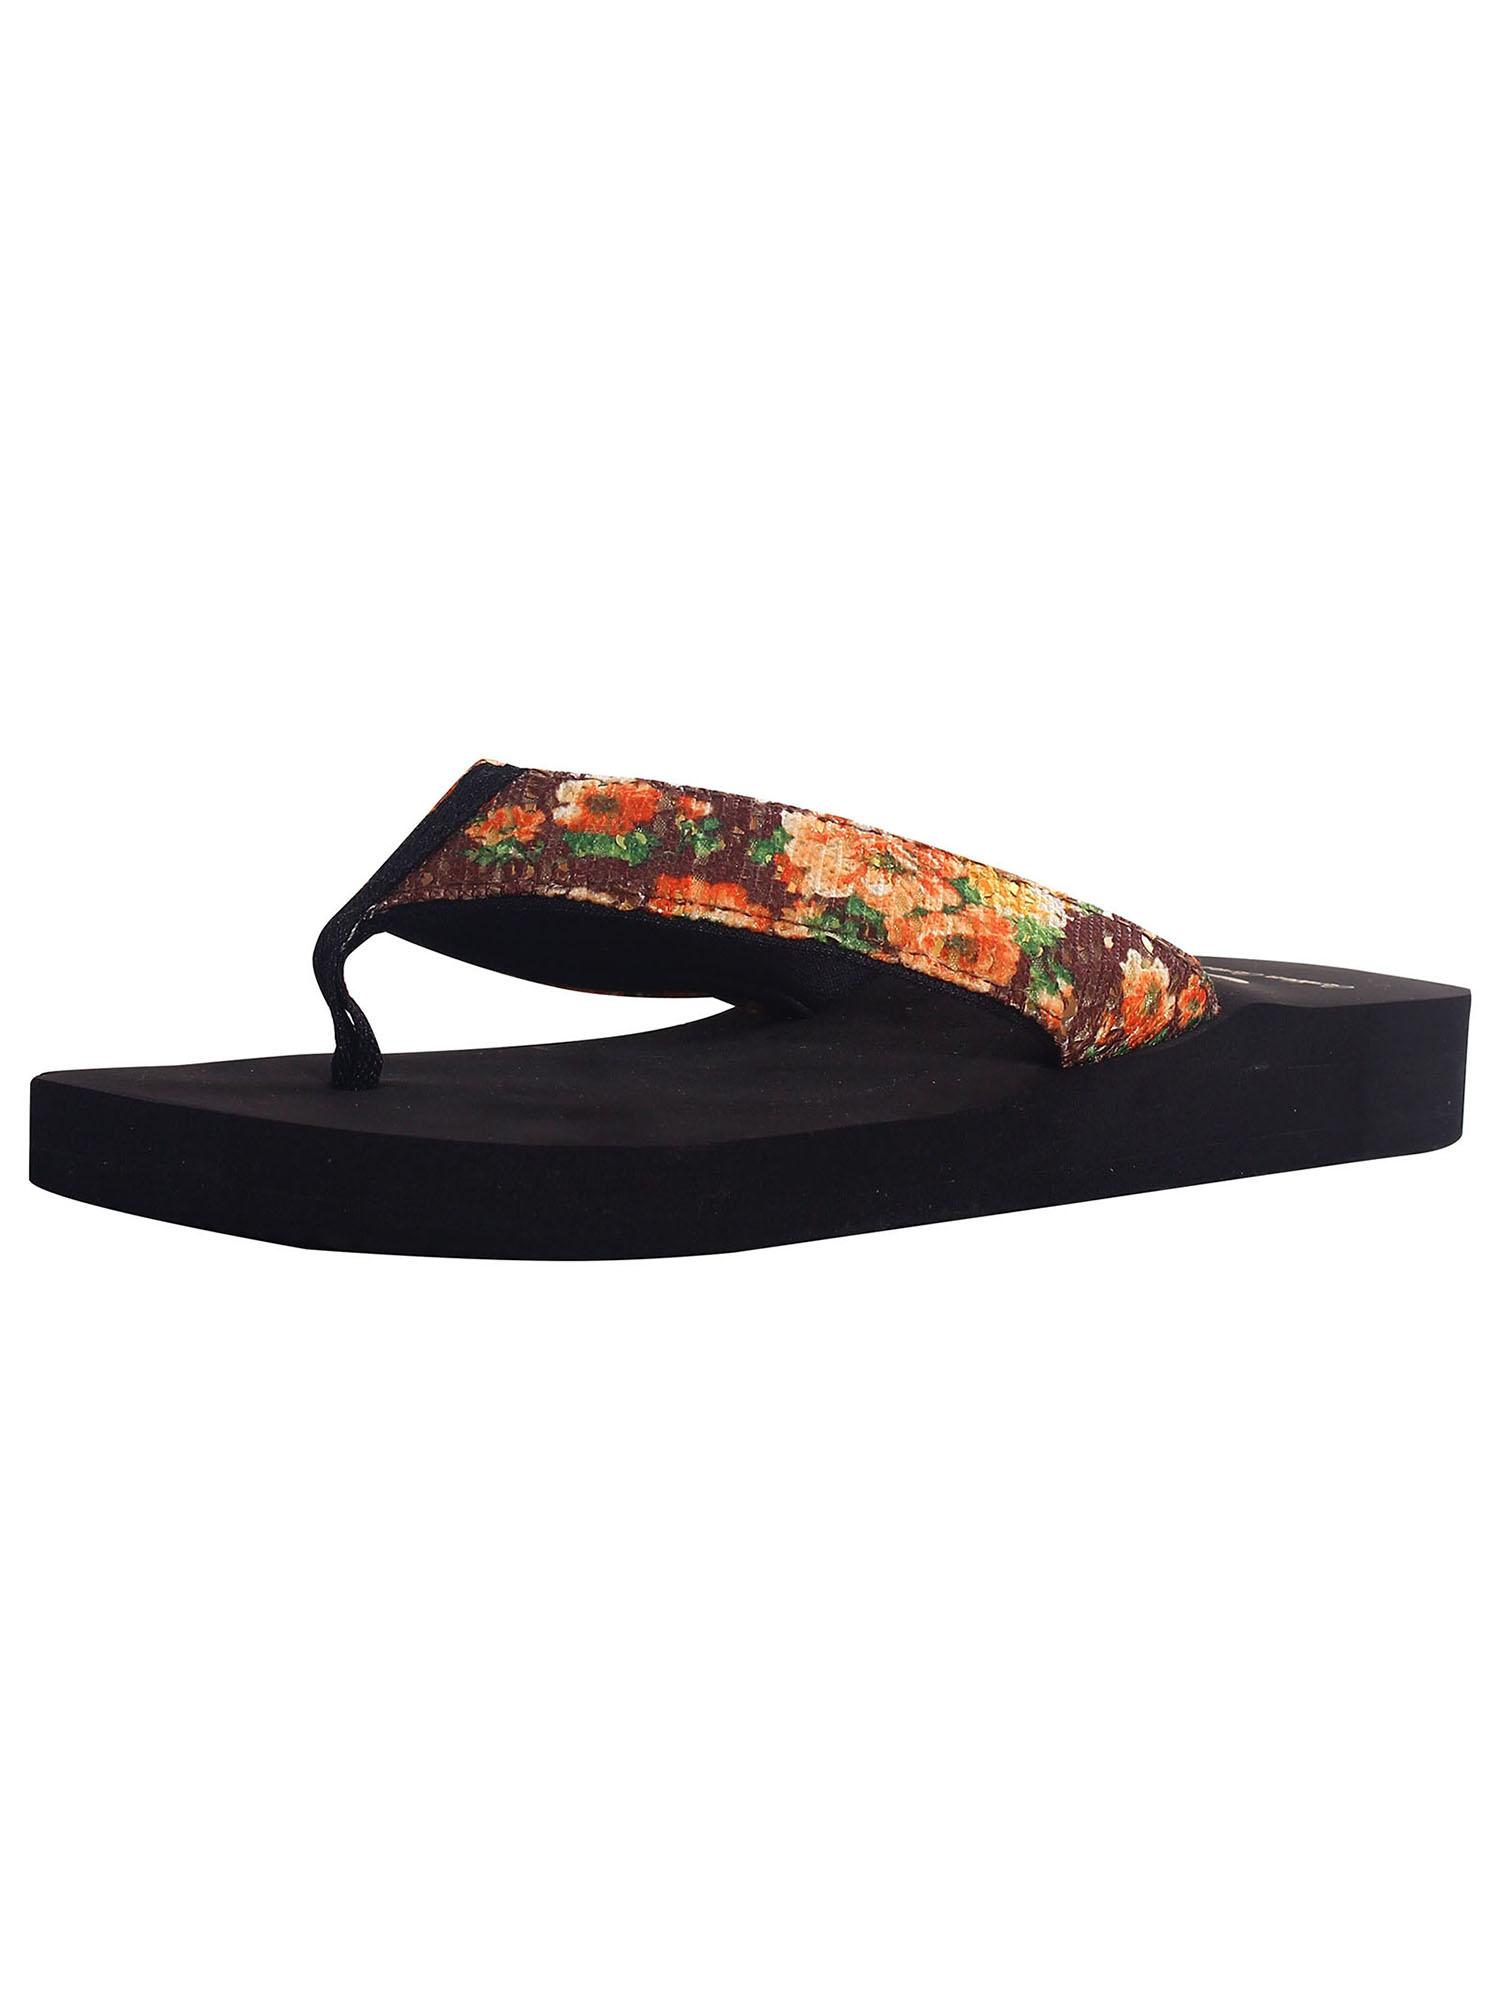 Women's Lightweight Boho Beach Design Comfort Flip Flop Sandals, 2220W_Brown, 7